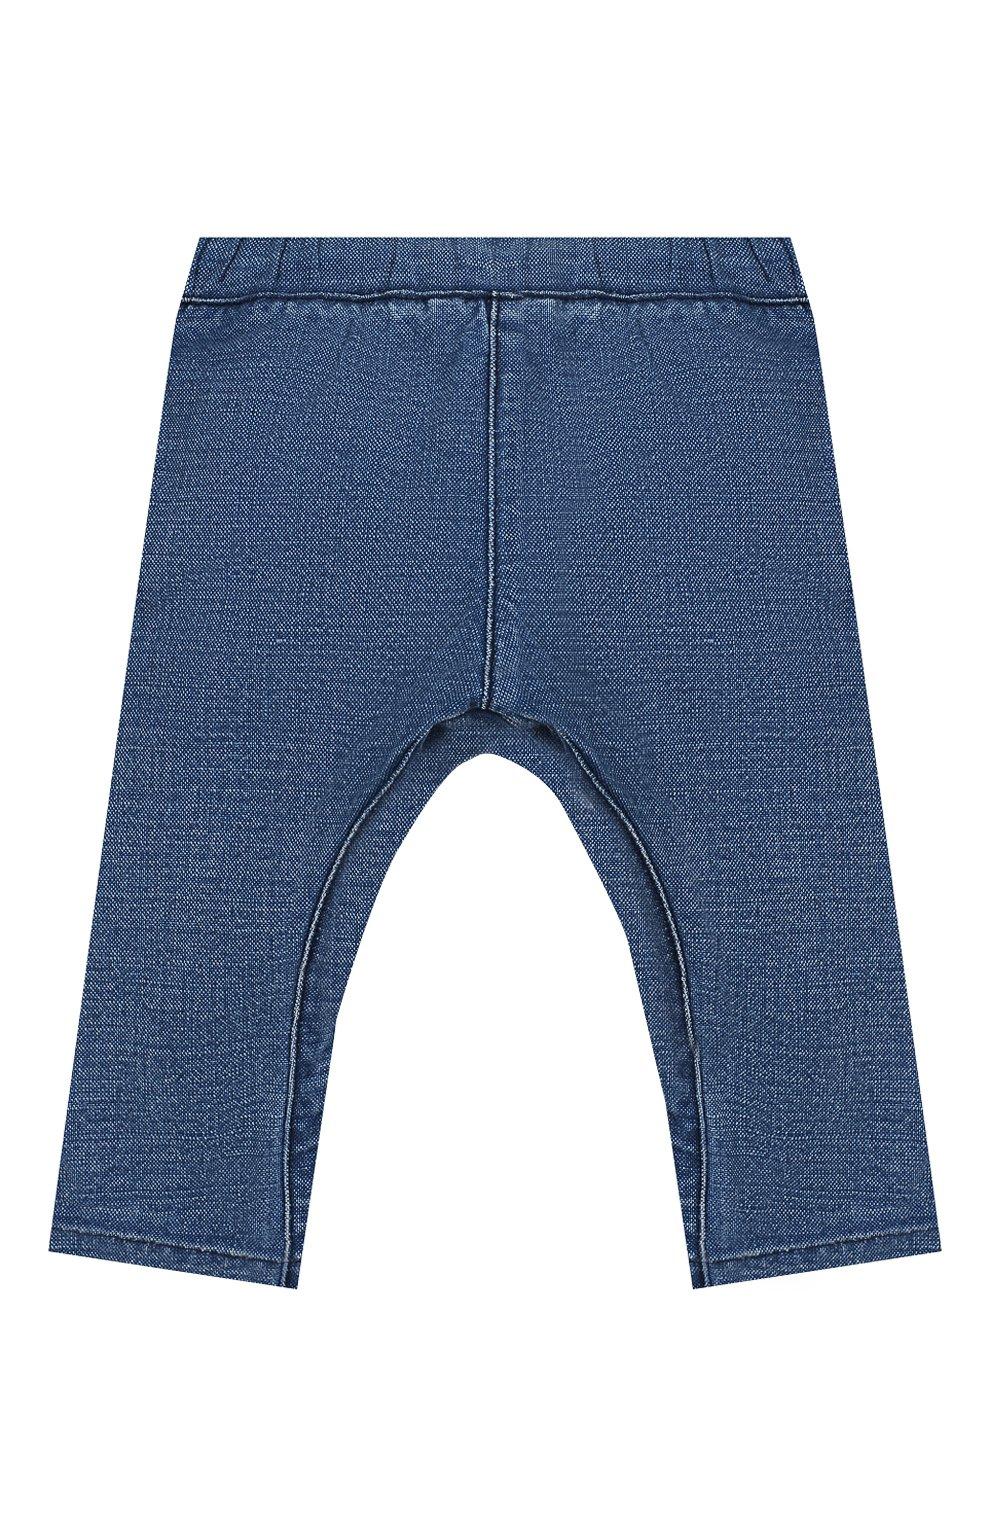 Детские джинсы BURBERRY темно-синего цвета, арт. 8014025 | Фото 2 (Материал внешний: Хлопок, Лен; Ростовка одежда: 12 мес | 80 см, 18 мес | 86 см, 3 года | 98 см, 24 мес | 92 см)